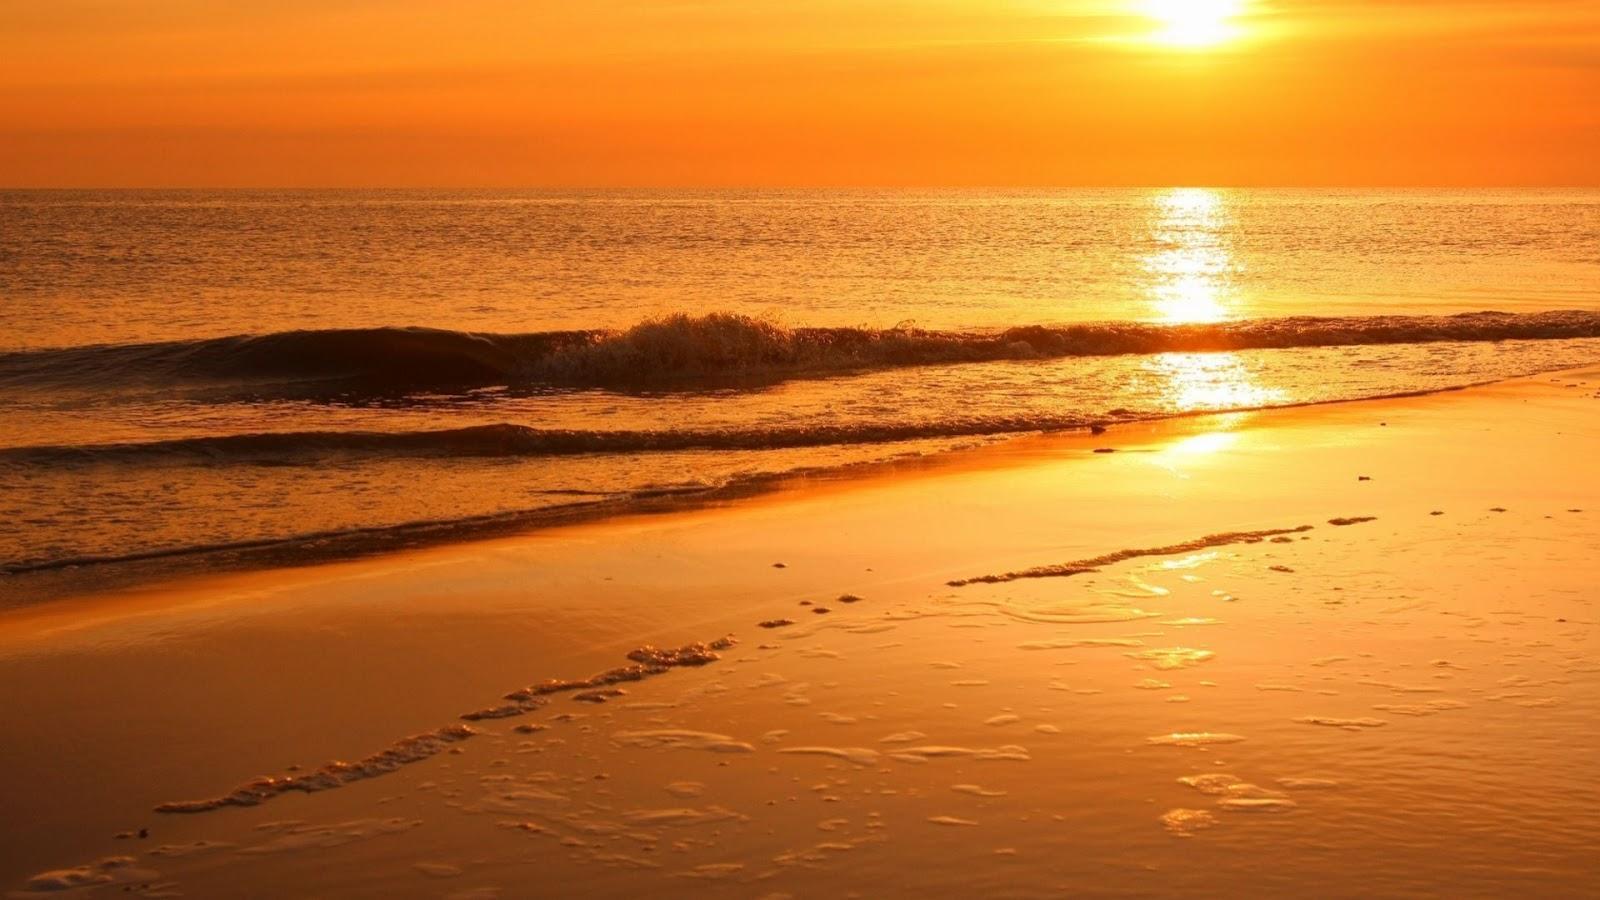 entrenamientos, playa, arena, agua, beneficios, tobillos, potencia